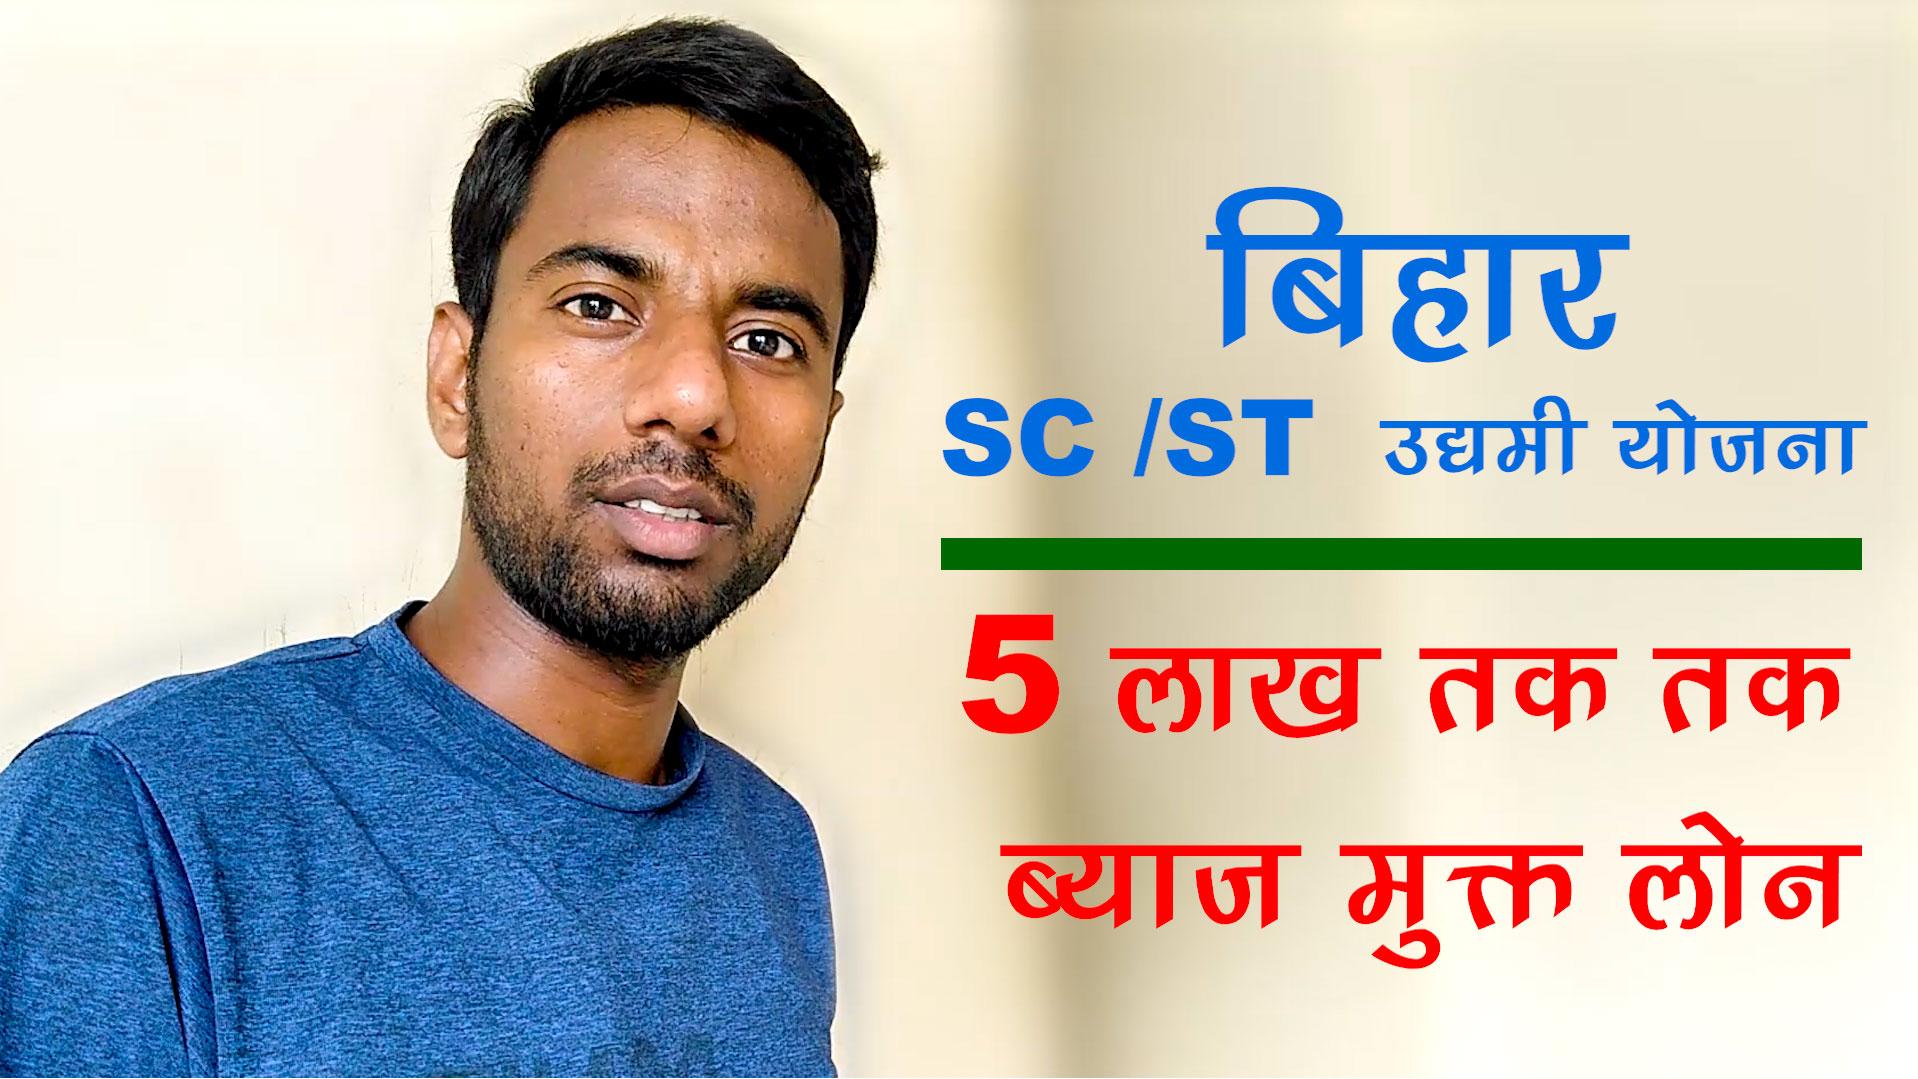 बिहार SC ST उद्यमी योजना ऑनलाइन फॉर्म